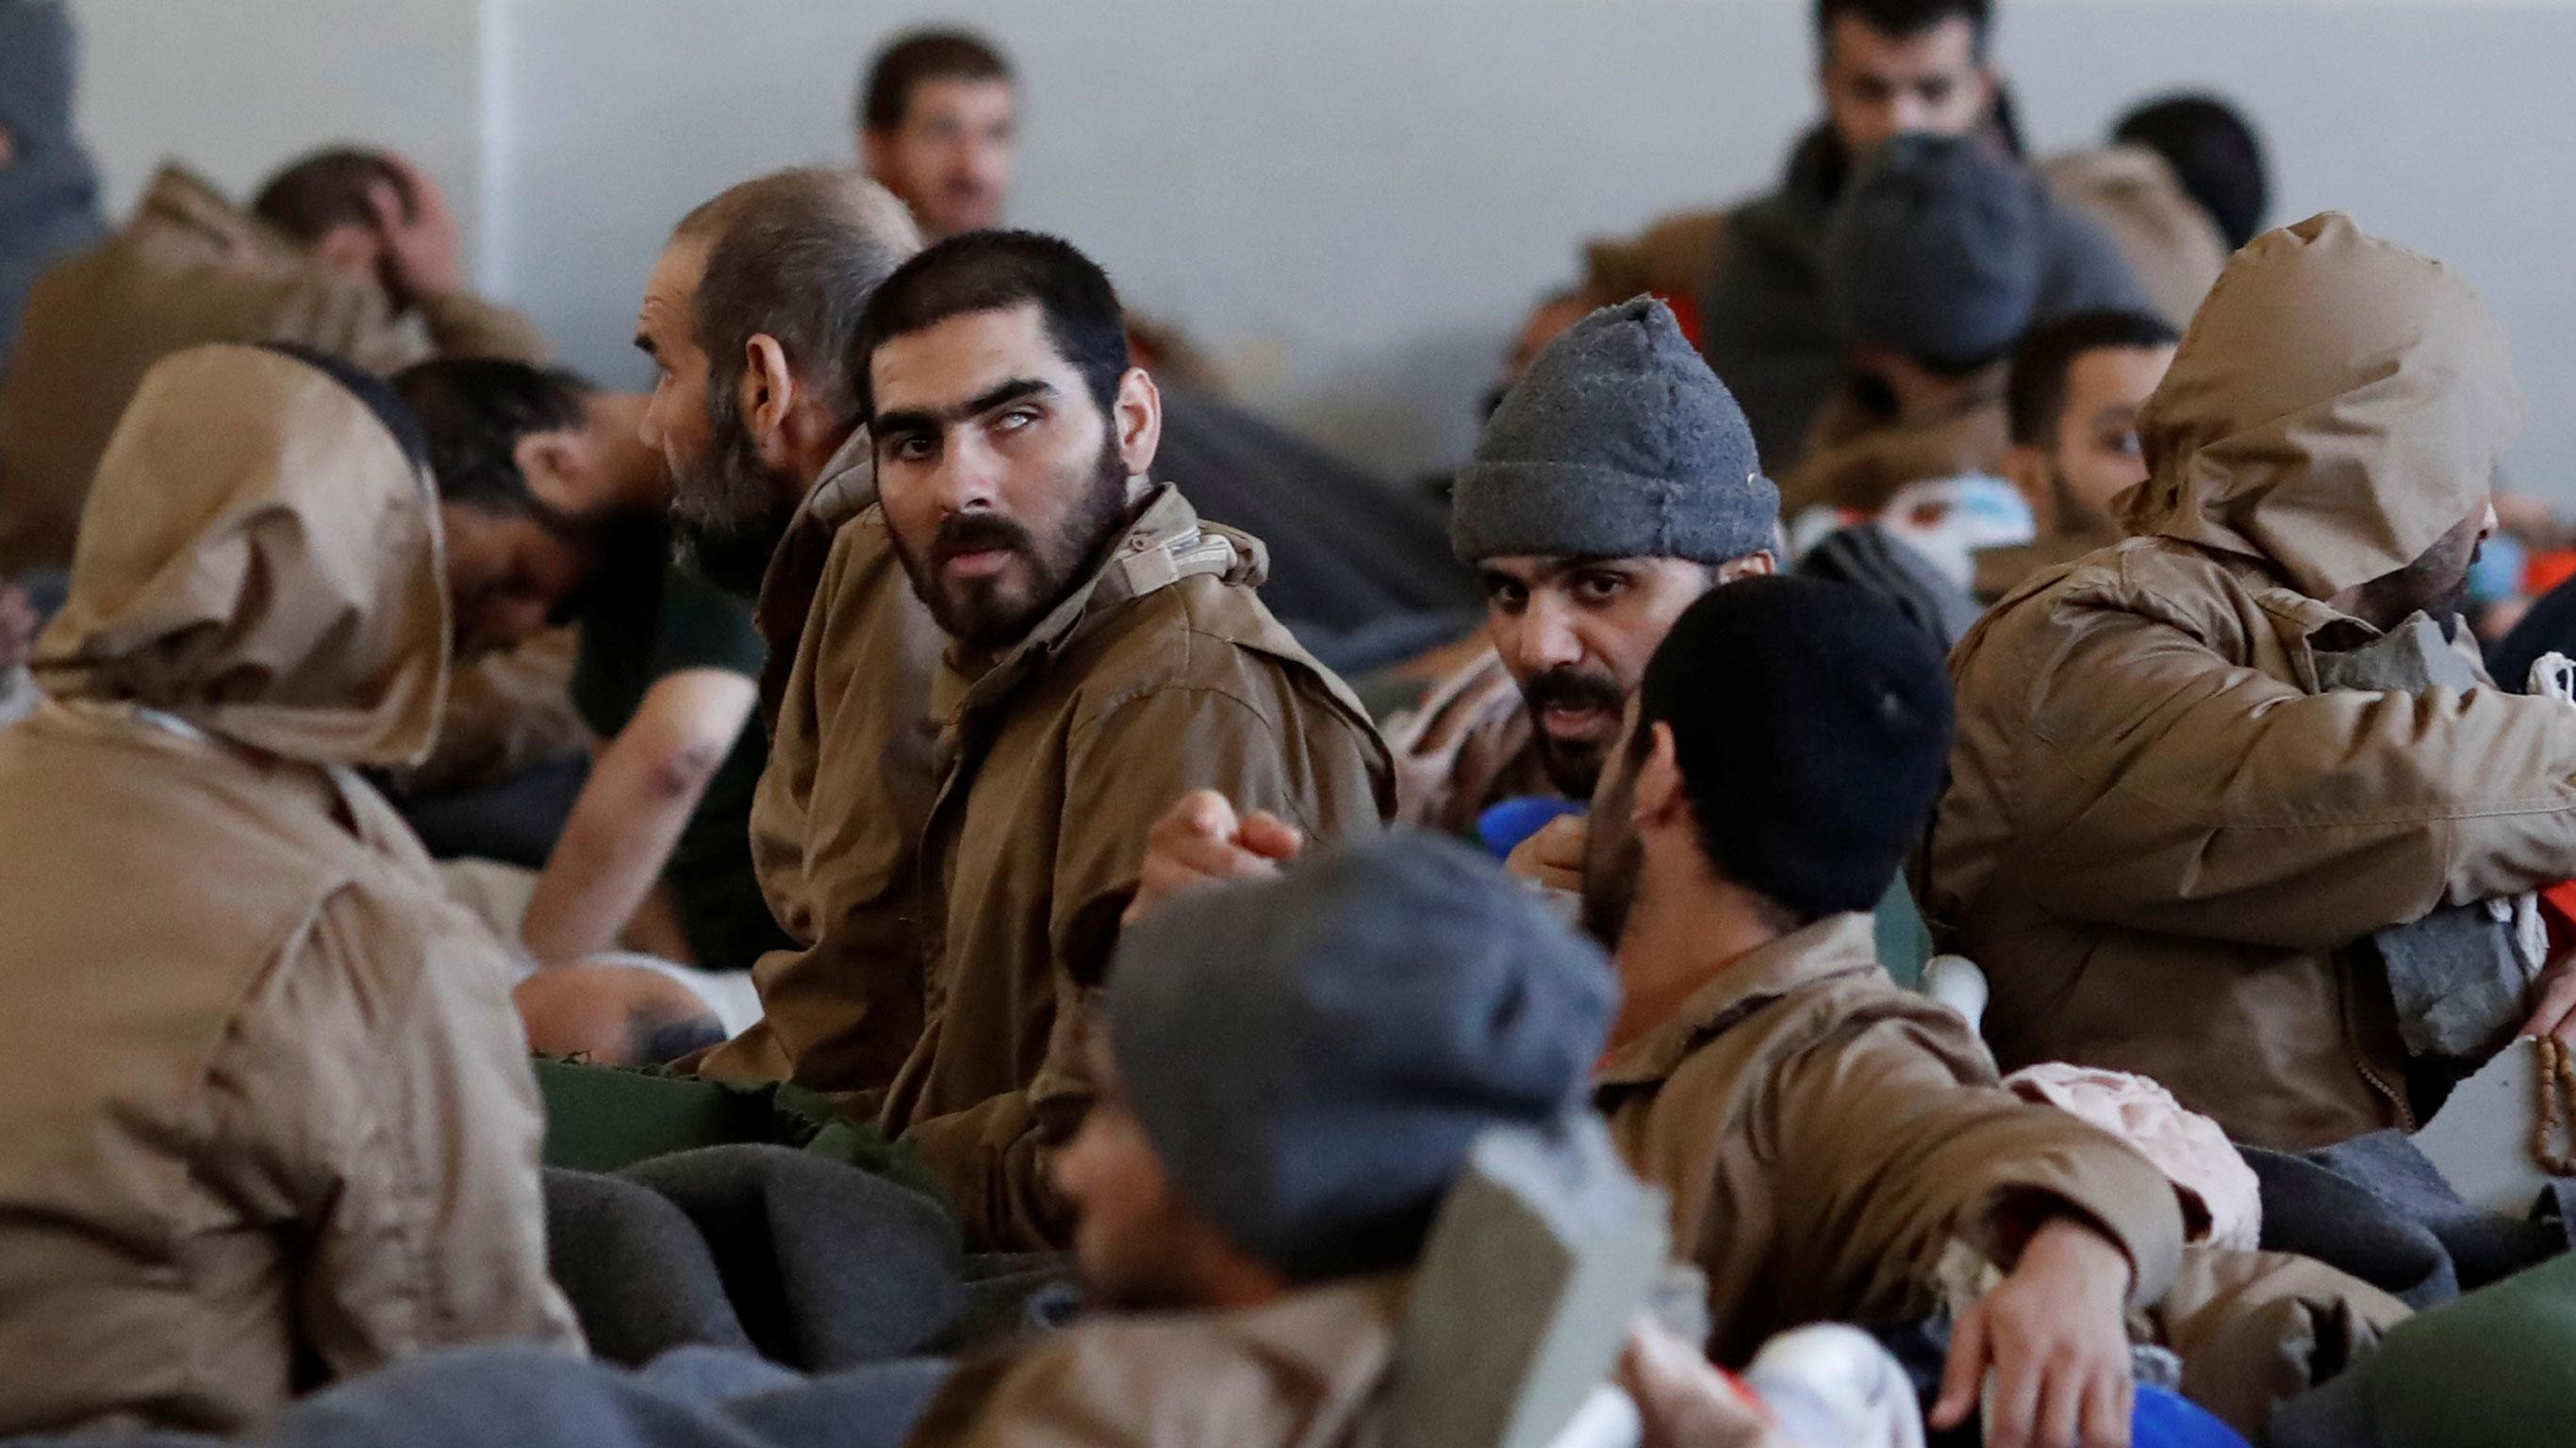 Сирийские курды собираются судить боевиков террористической организации ДАИШ (ИГИЛ)